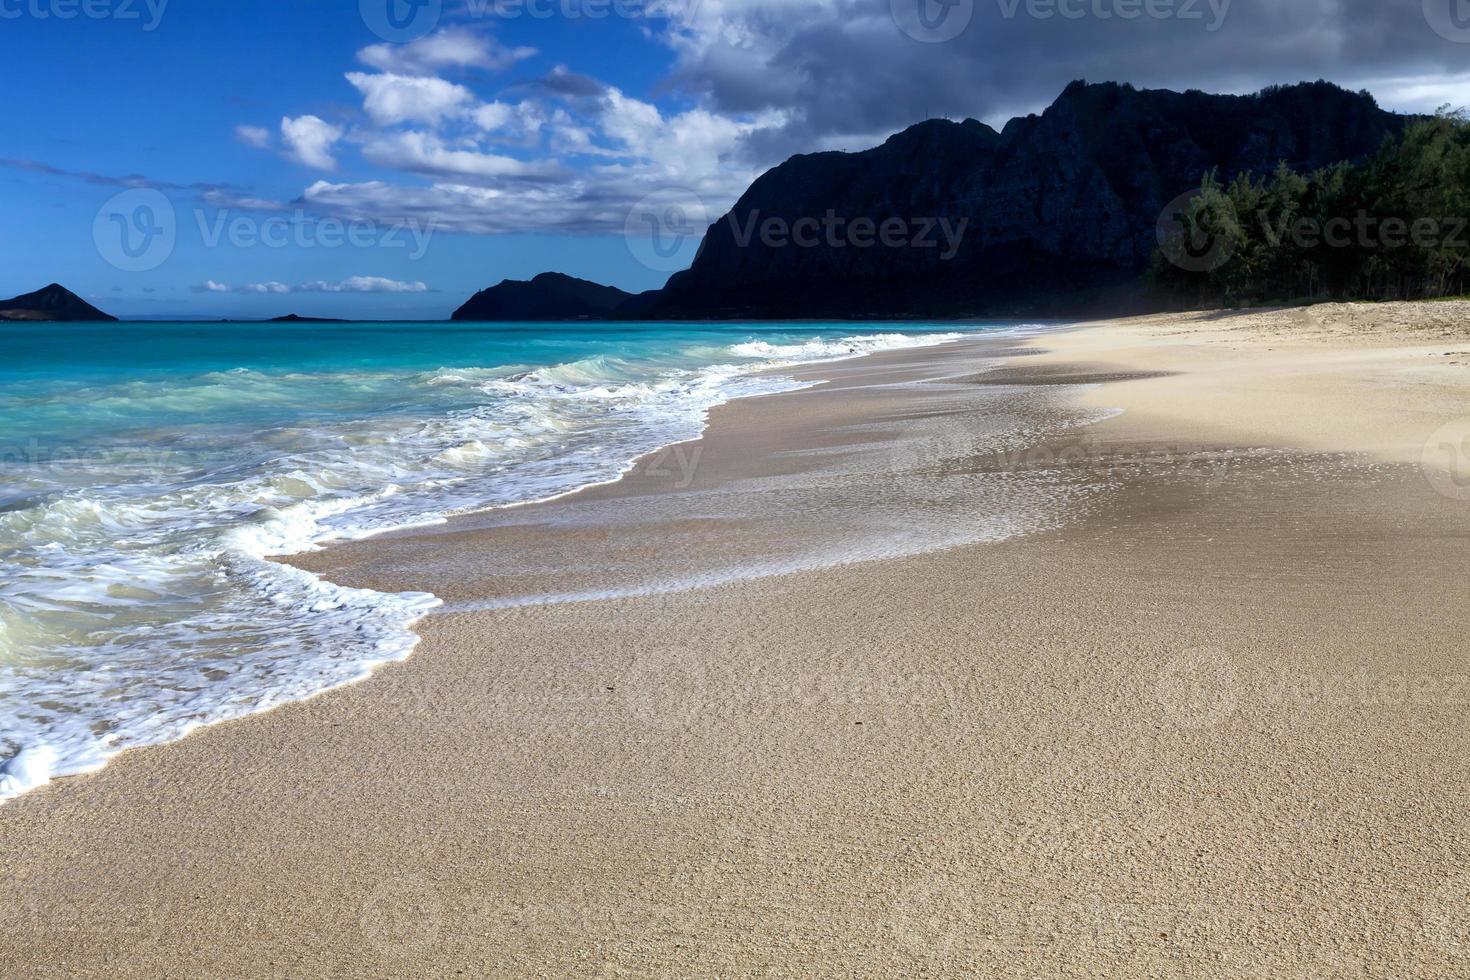 ensam på sandstranden foto